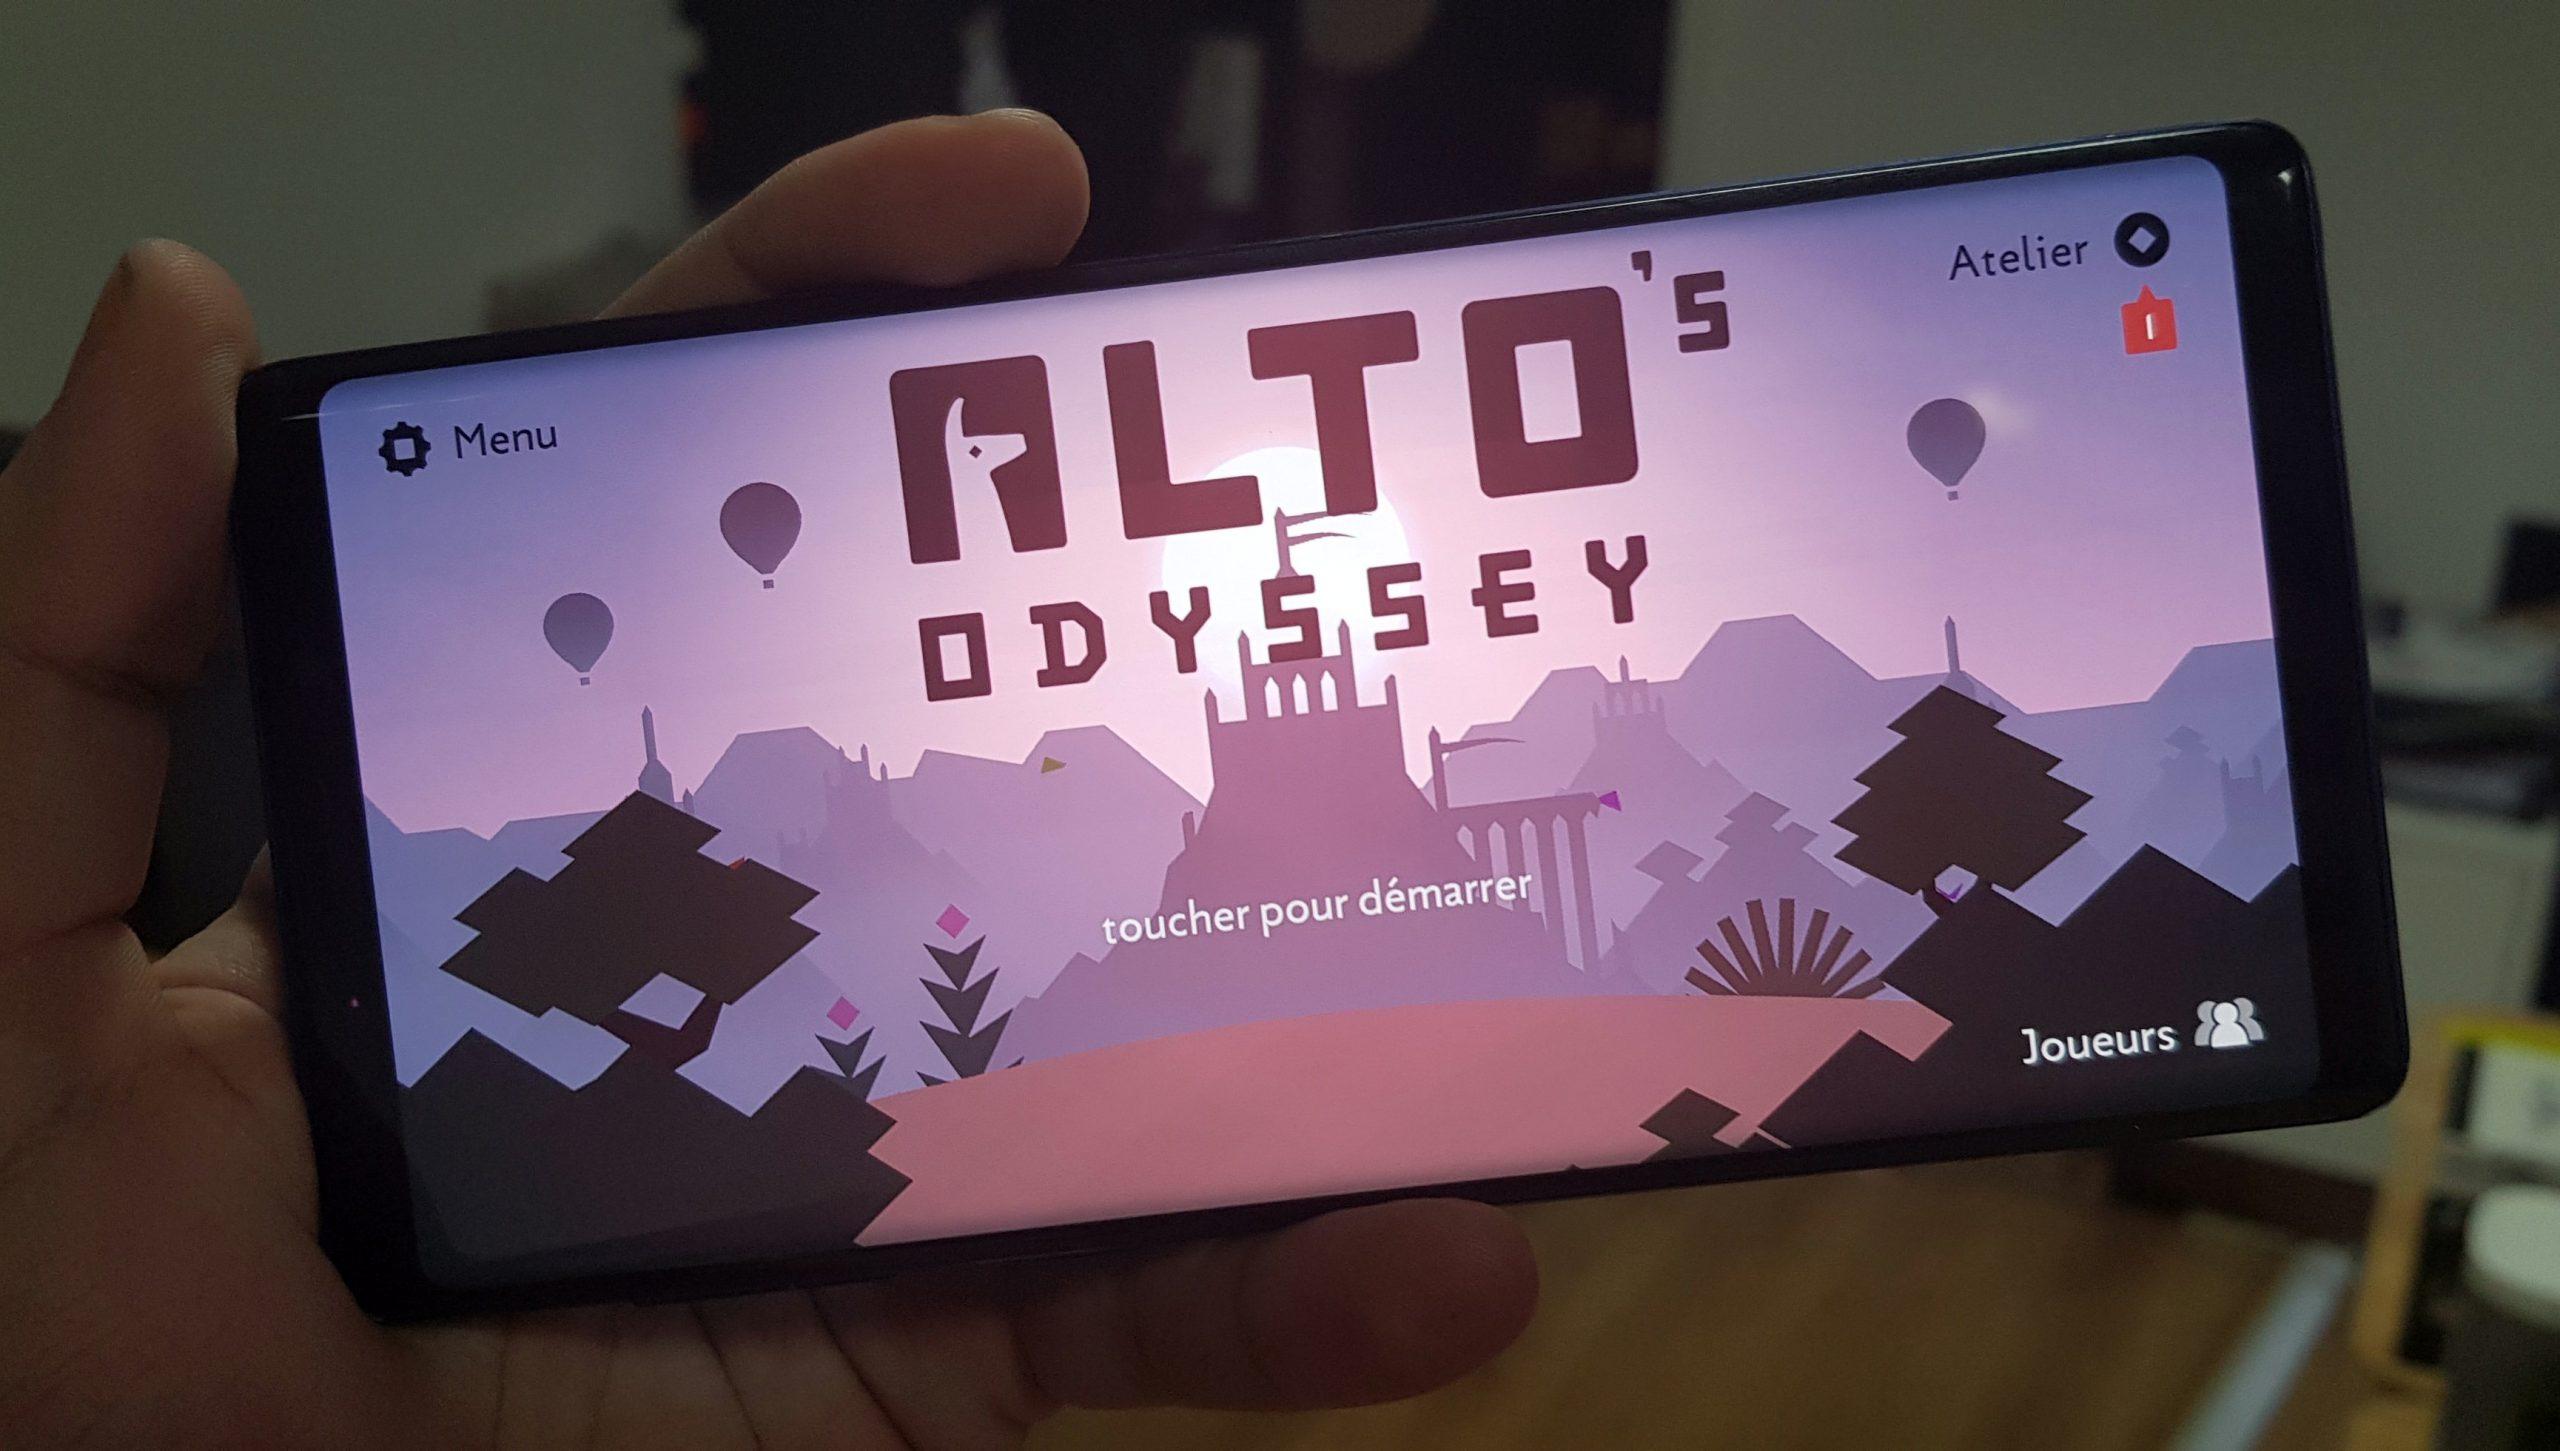 Les Meilleurs Jeux Sans Connexion Sur Android Et Ios En 2020 serapportantà Jeux De Logique Gratuits